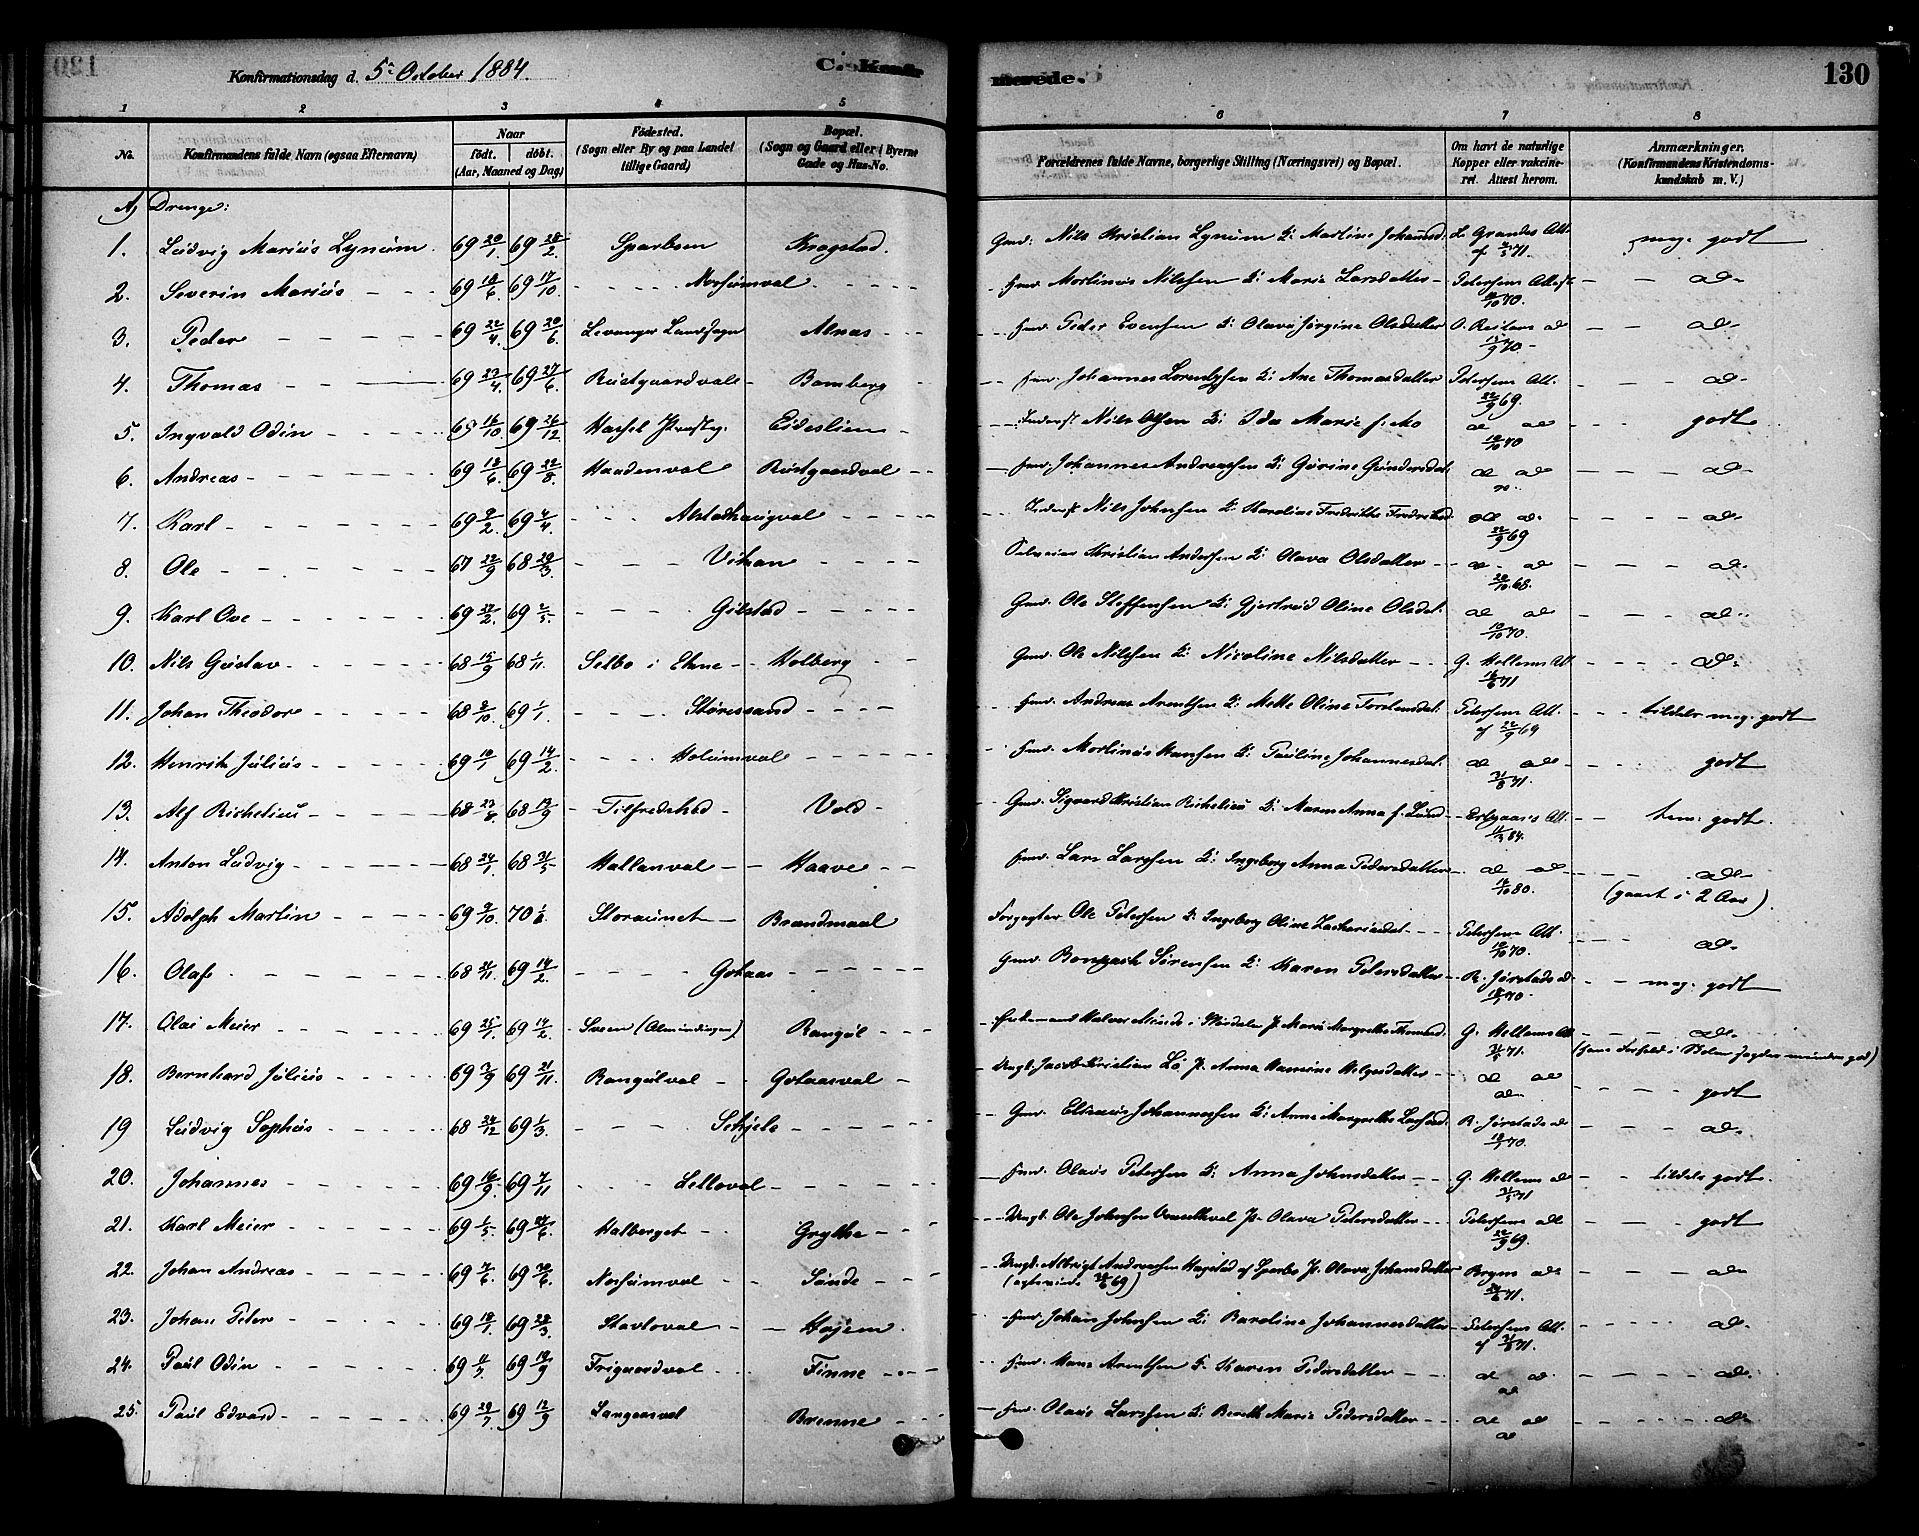 SAT, Ministerialprotokoller, klokkerbøker og fødselsregistre - Nord-Trøndelag, 717/L0159: Ministerialbok nr. 717A09, 1878-1898, s. 130